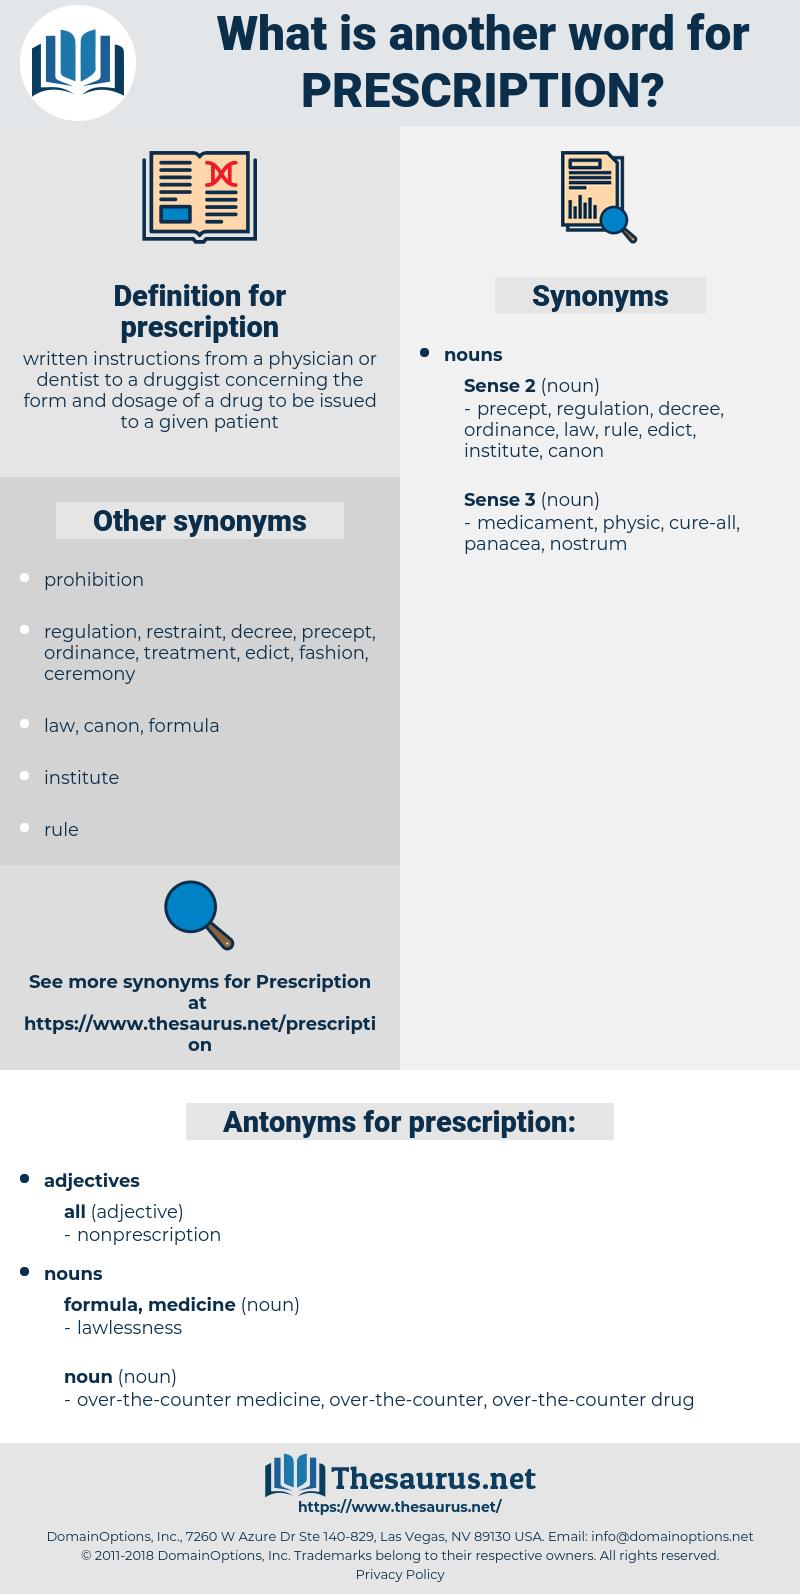 prescription, synonym prescription, another word for prescription, words like prescription, thesaurus prescription